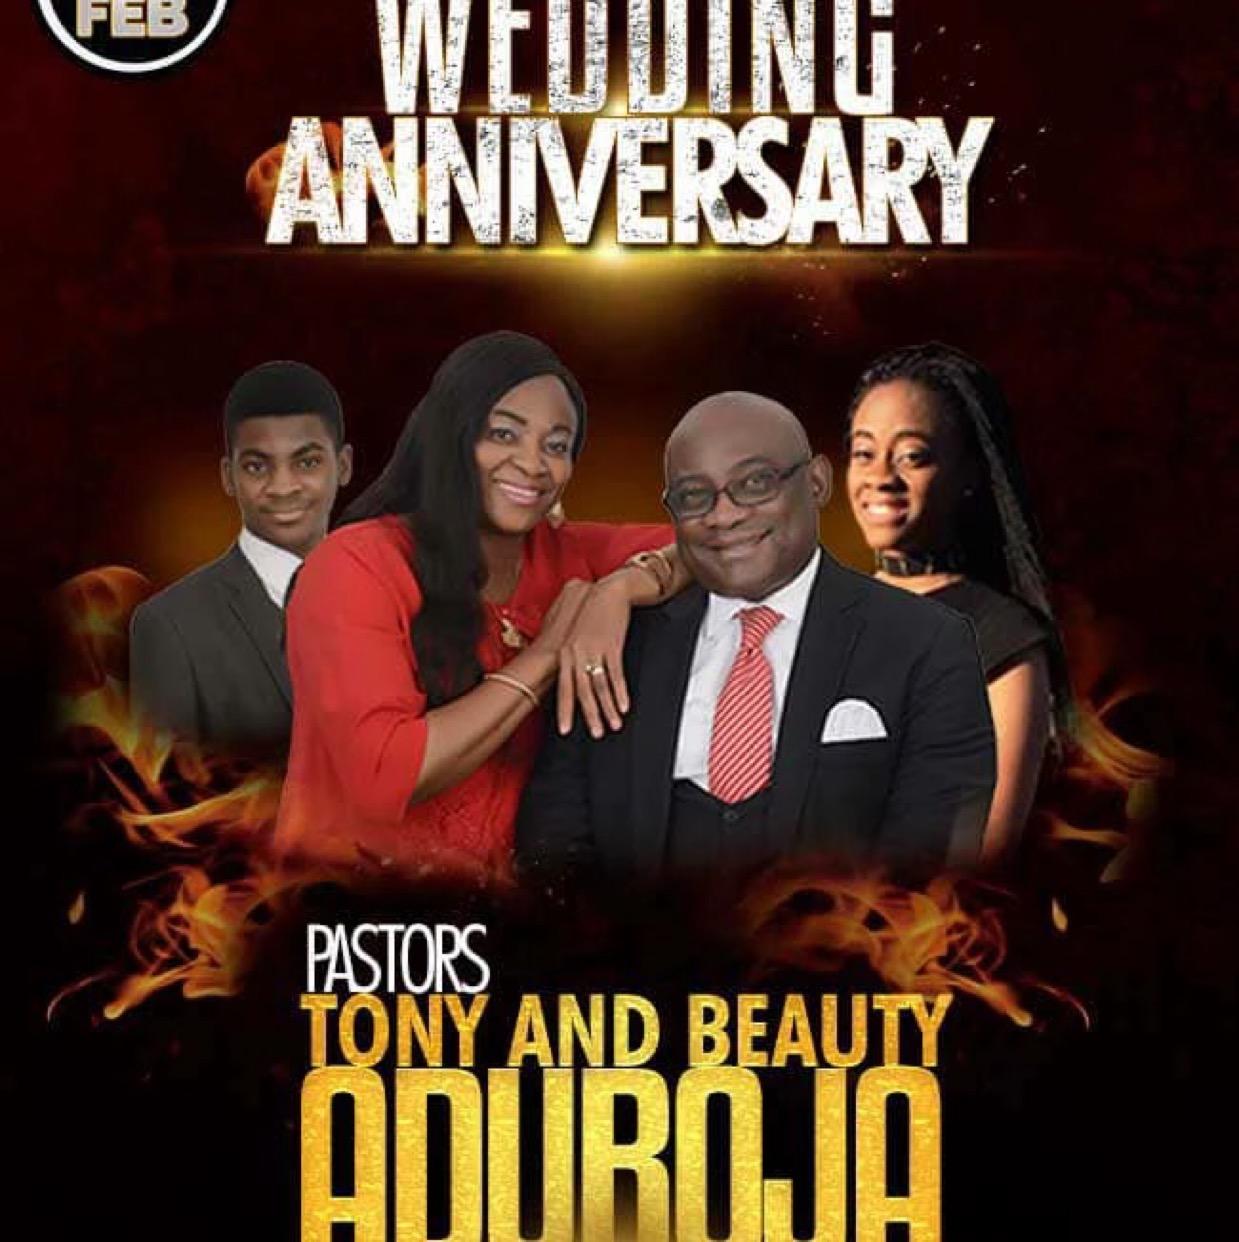 Happy wedding anniversary Pastors